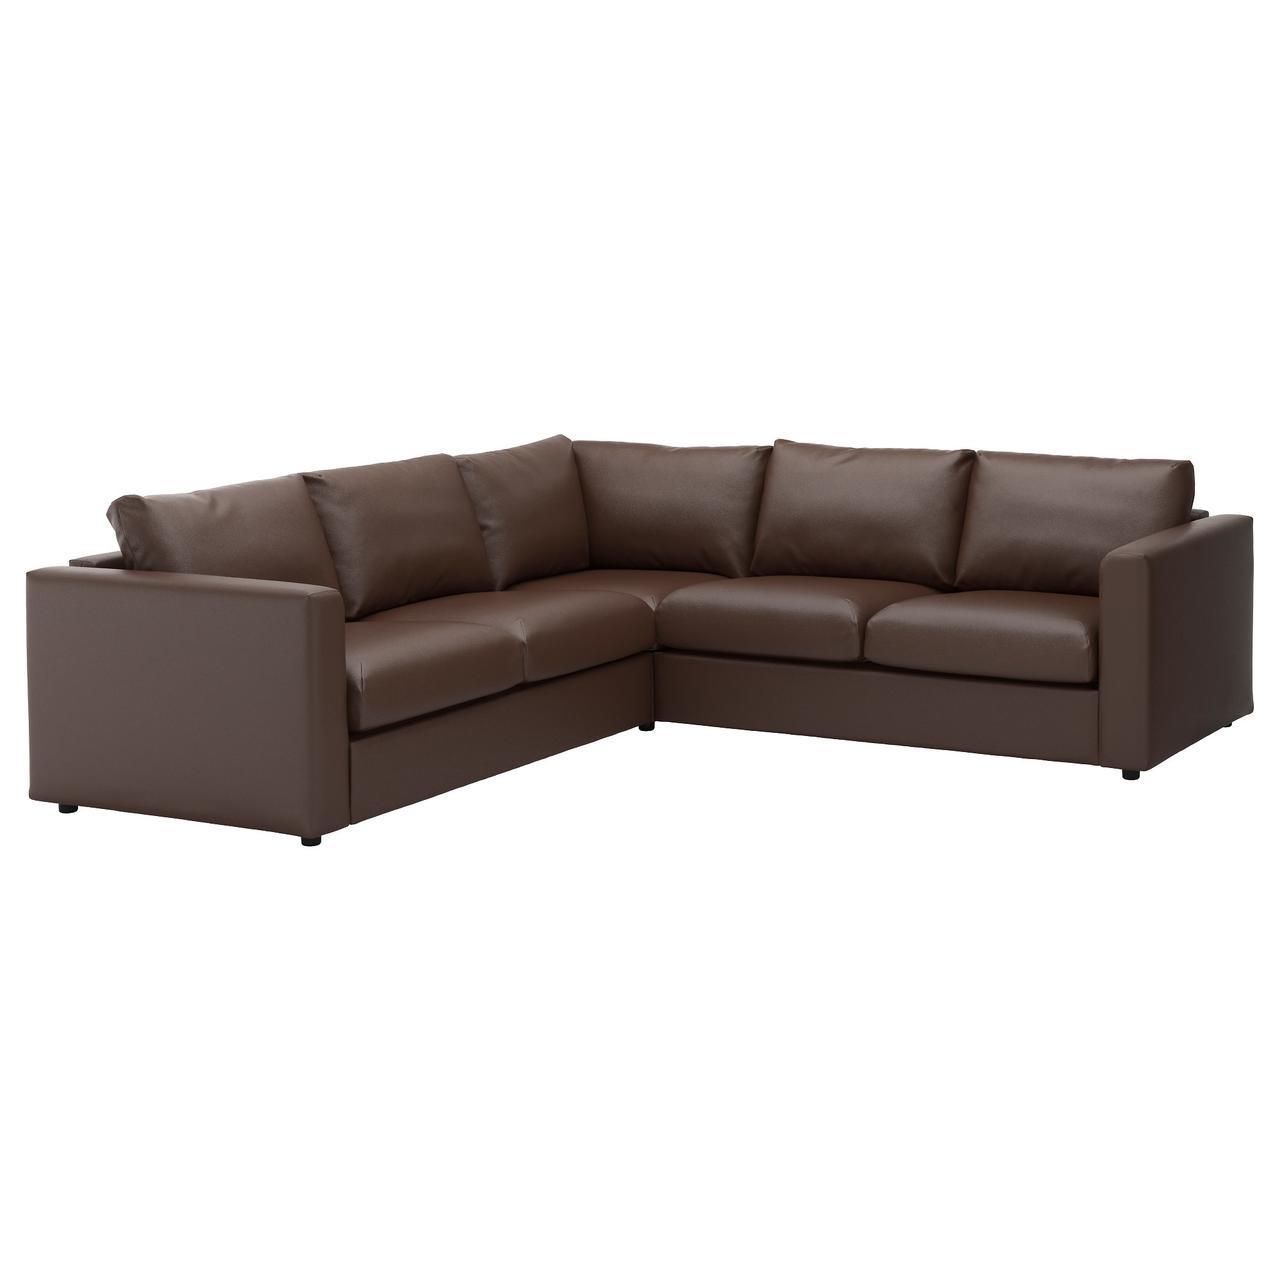 ВИМЛЕ 4-местный угловой диван, Фарста темно-коричневый